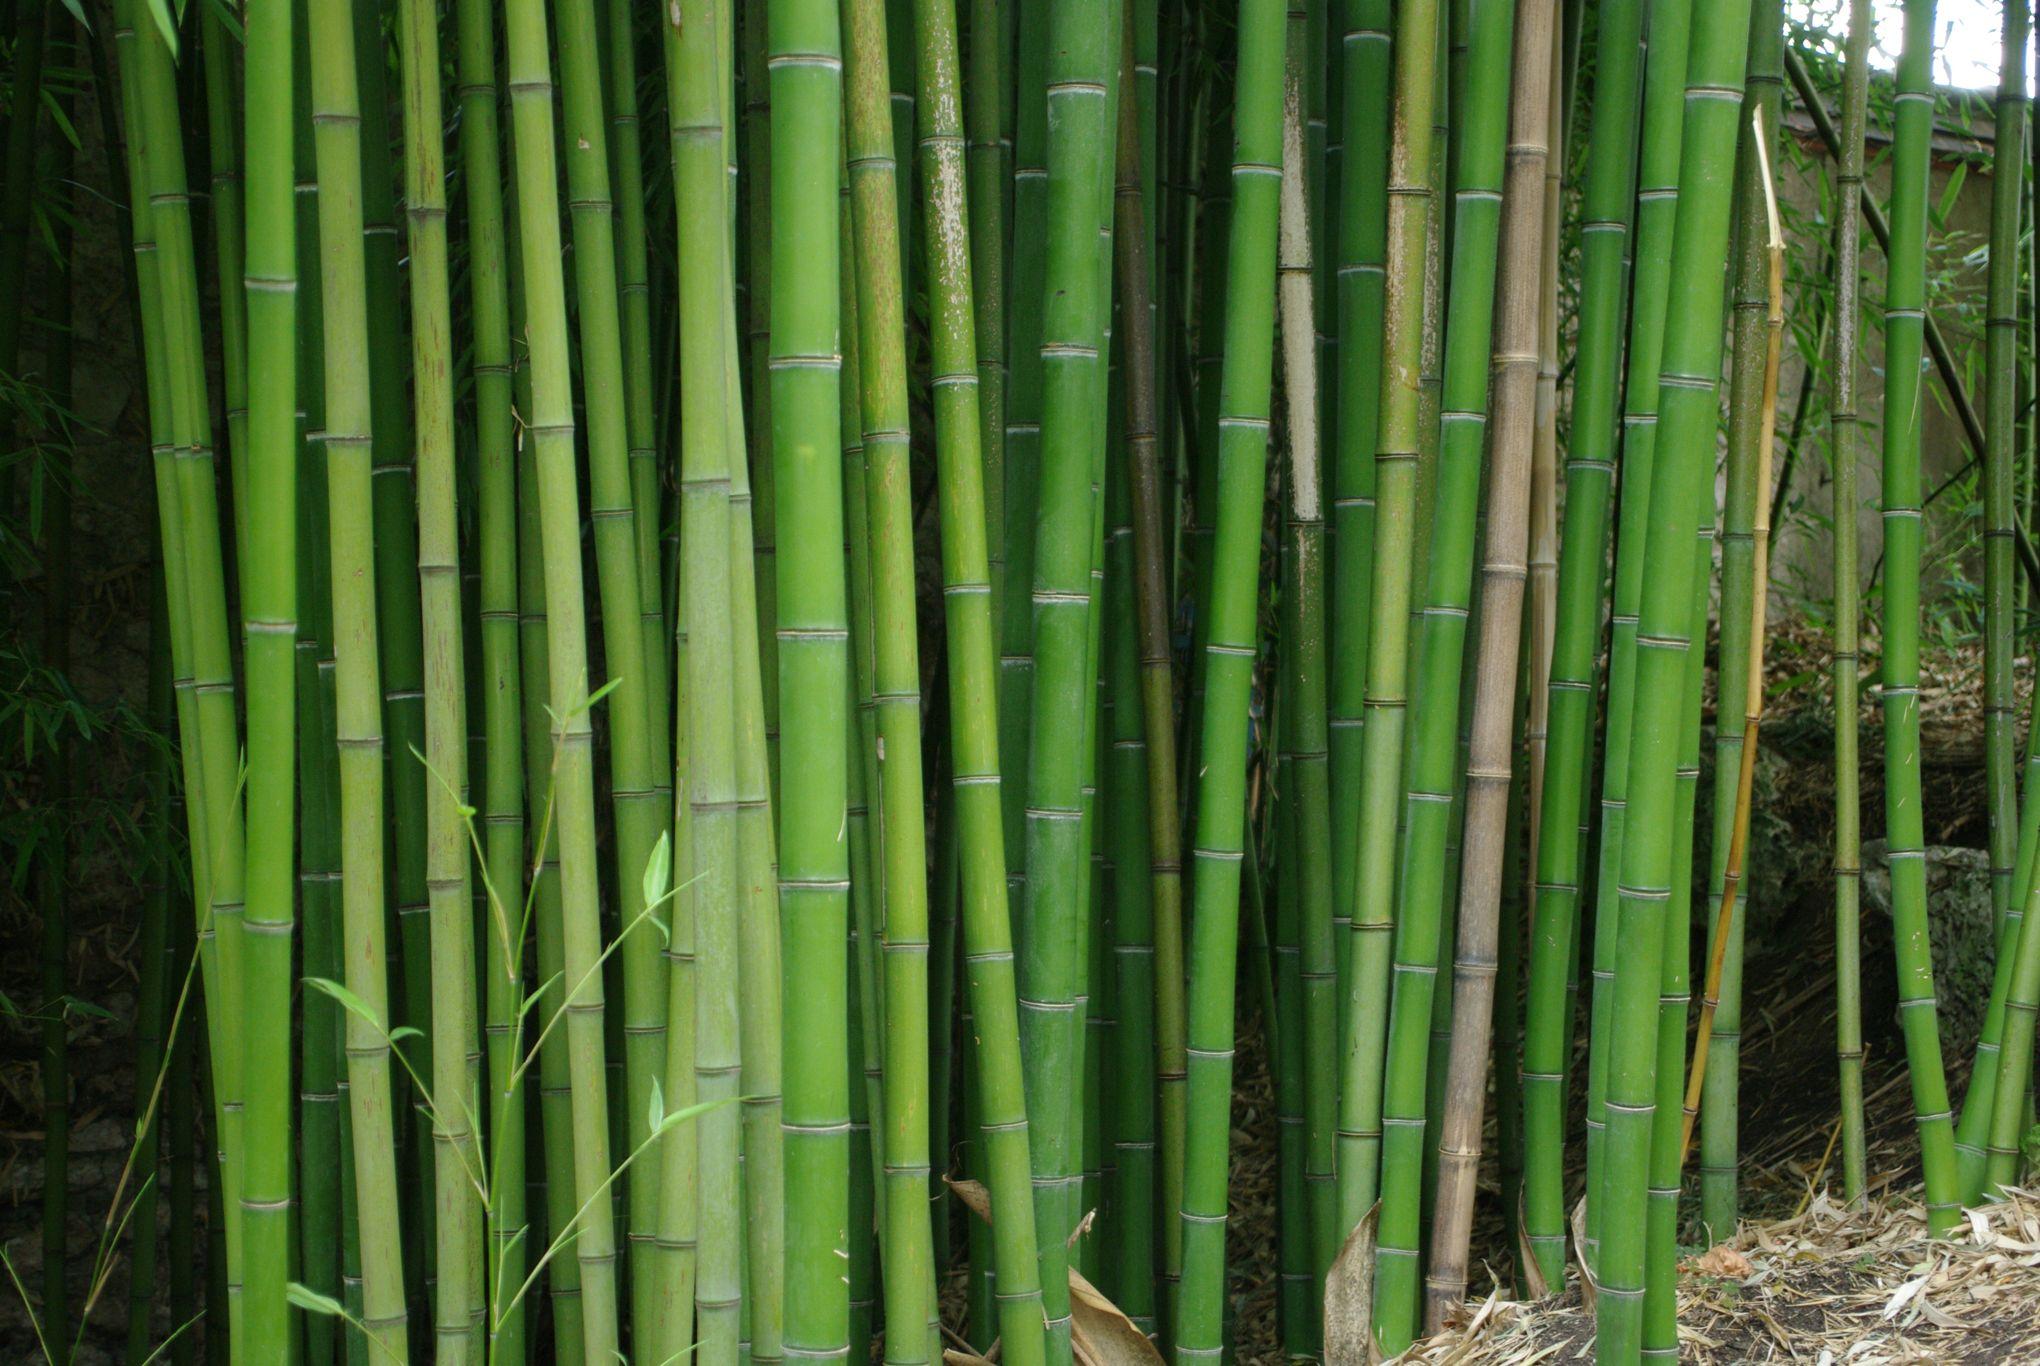 Comment Se Débarrasser Des Bambous Dans Le Jardin bambous traçants : comment les éradiquer ?